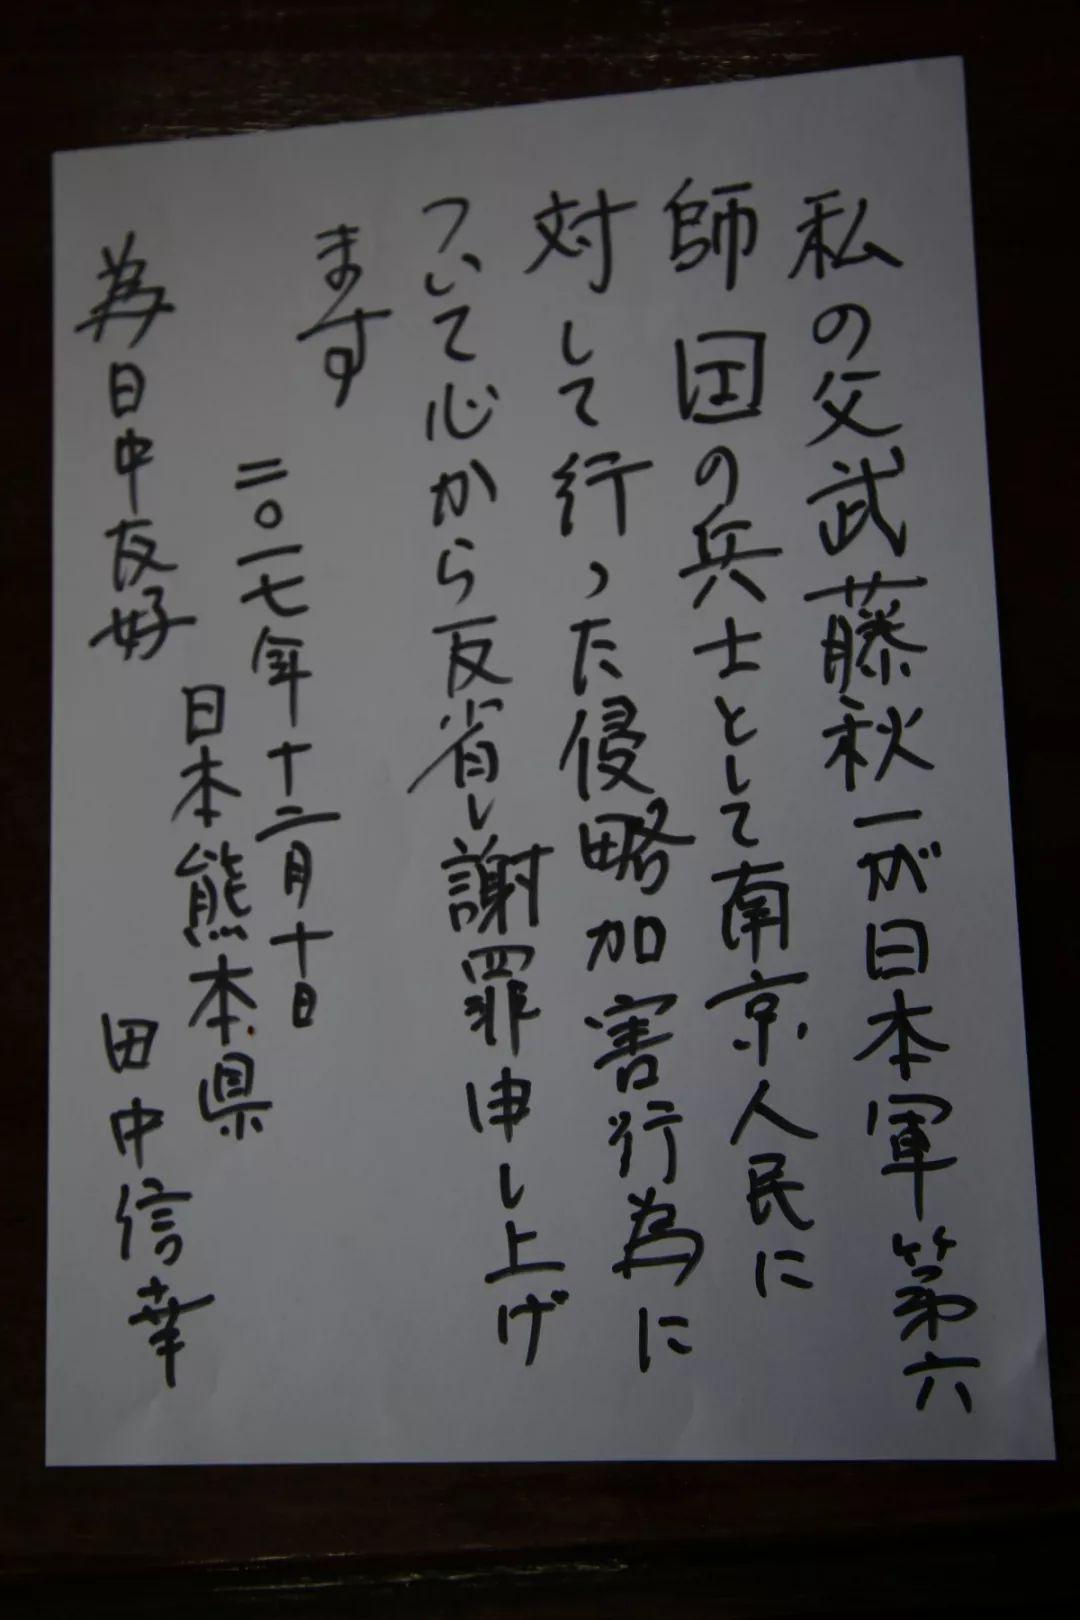 是南京大屠杀死难者国家公祭日 设立的第5年